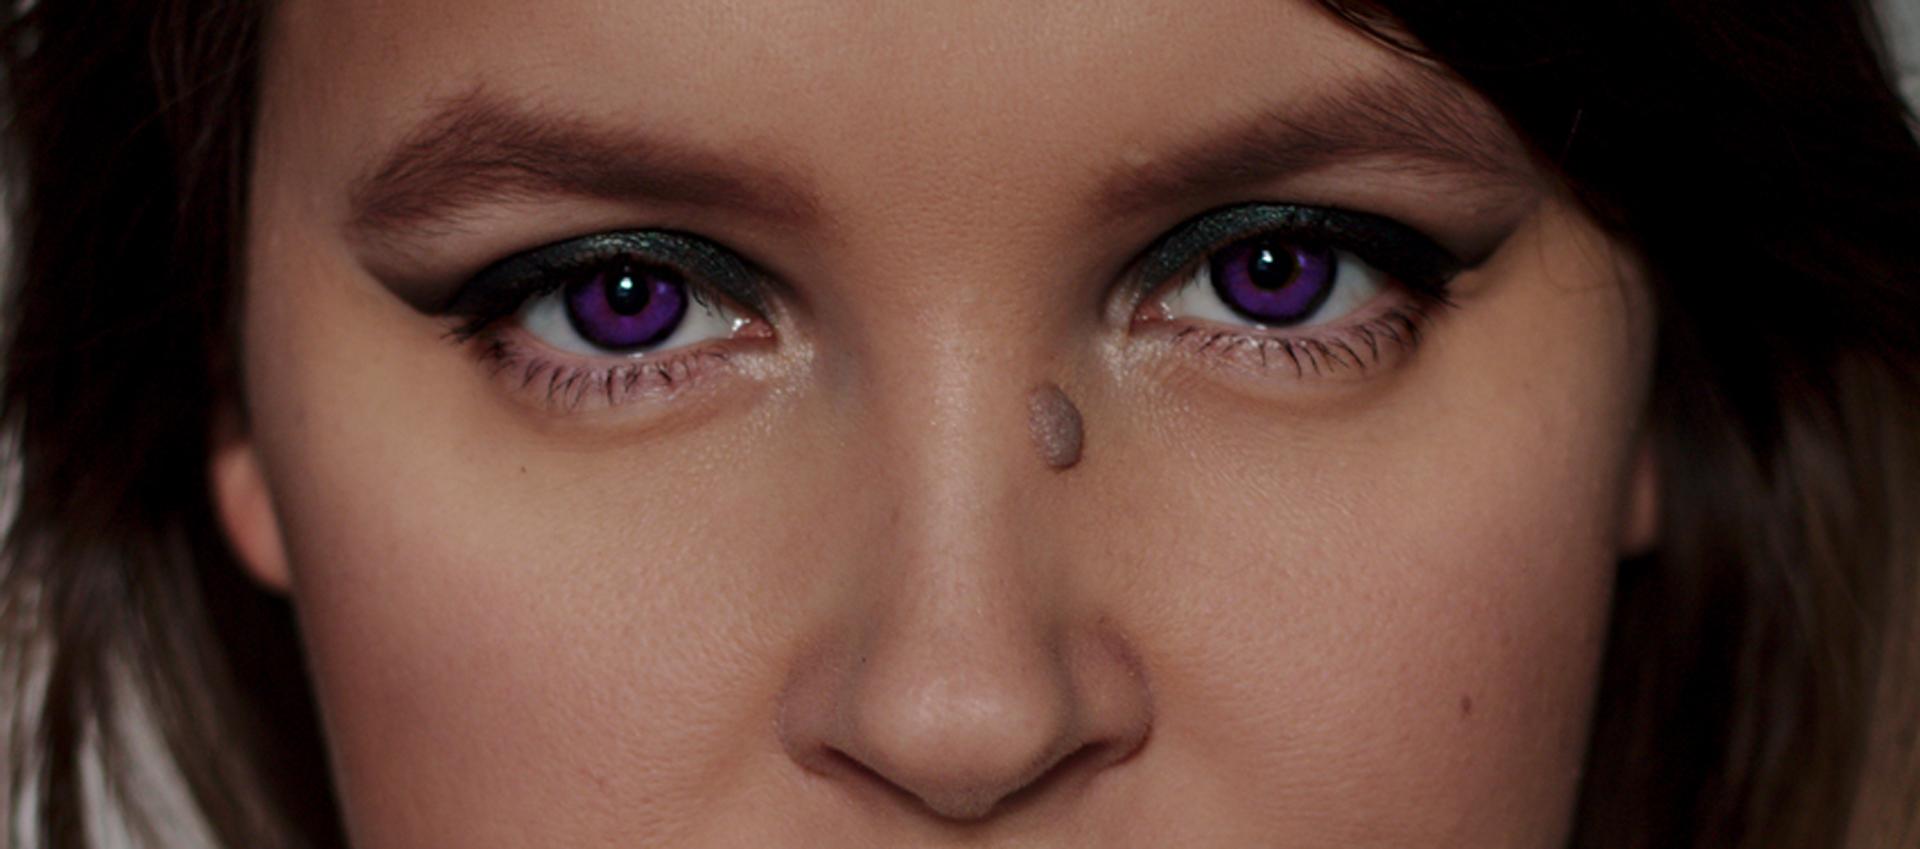 Film- und Serien-Make-Up: Yennefer von Vengerberg aus The Witcher